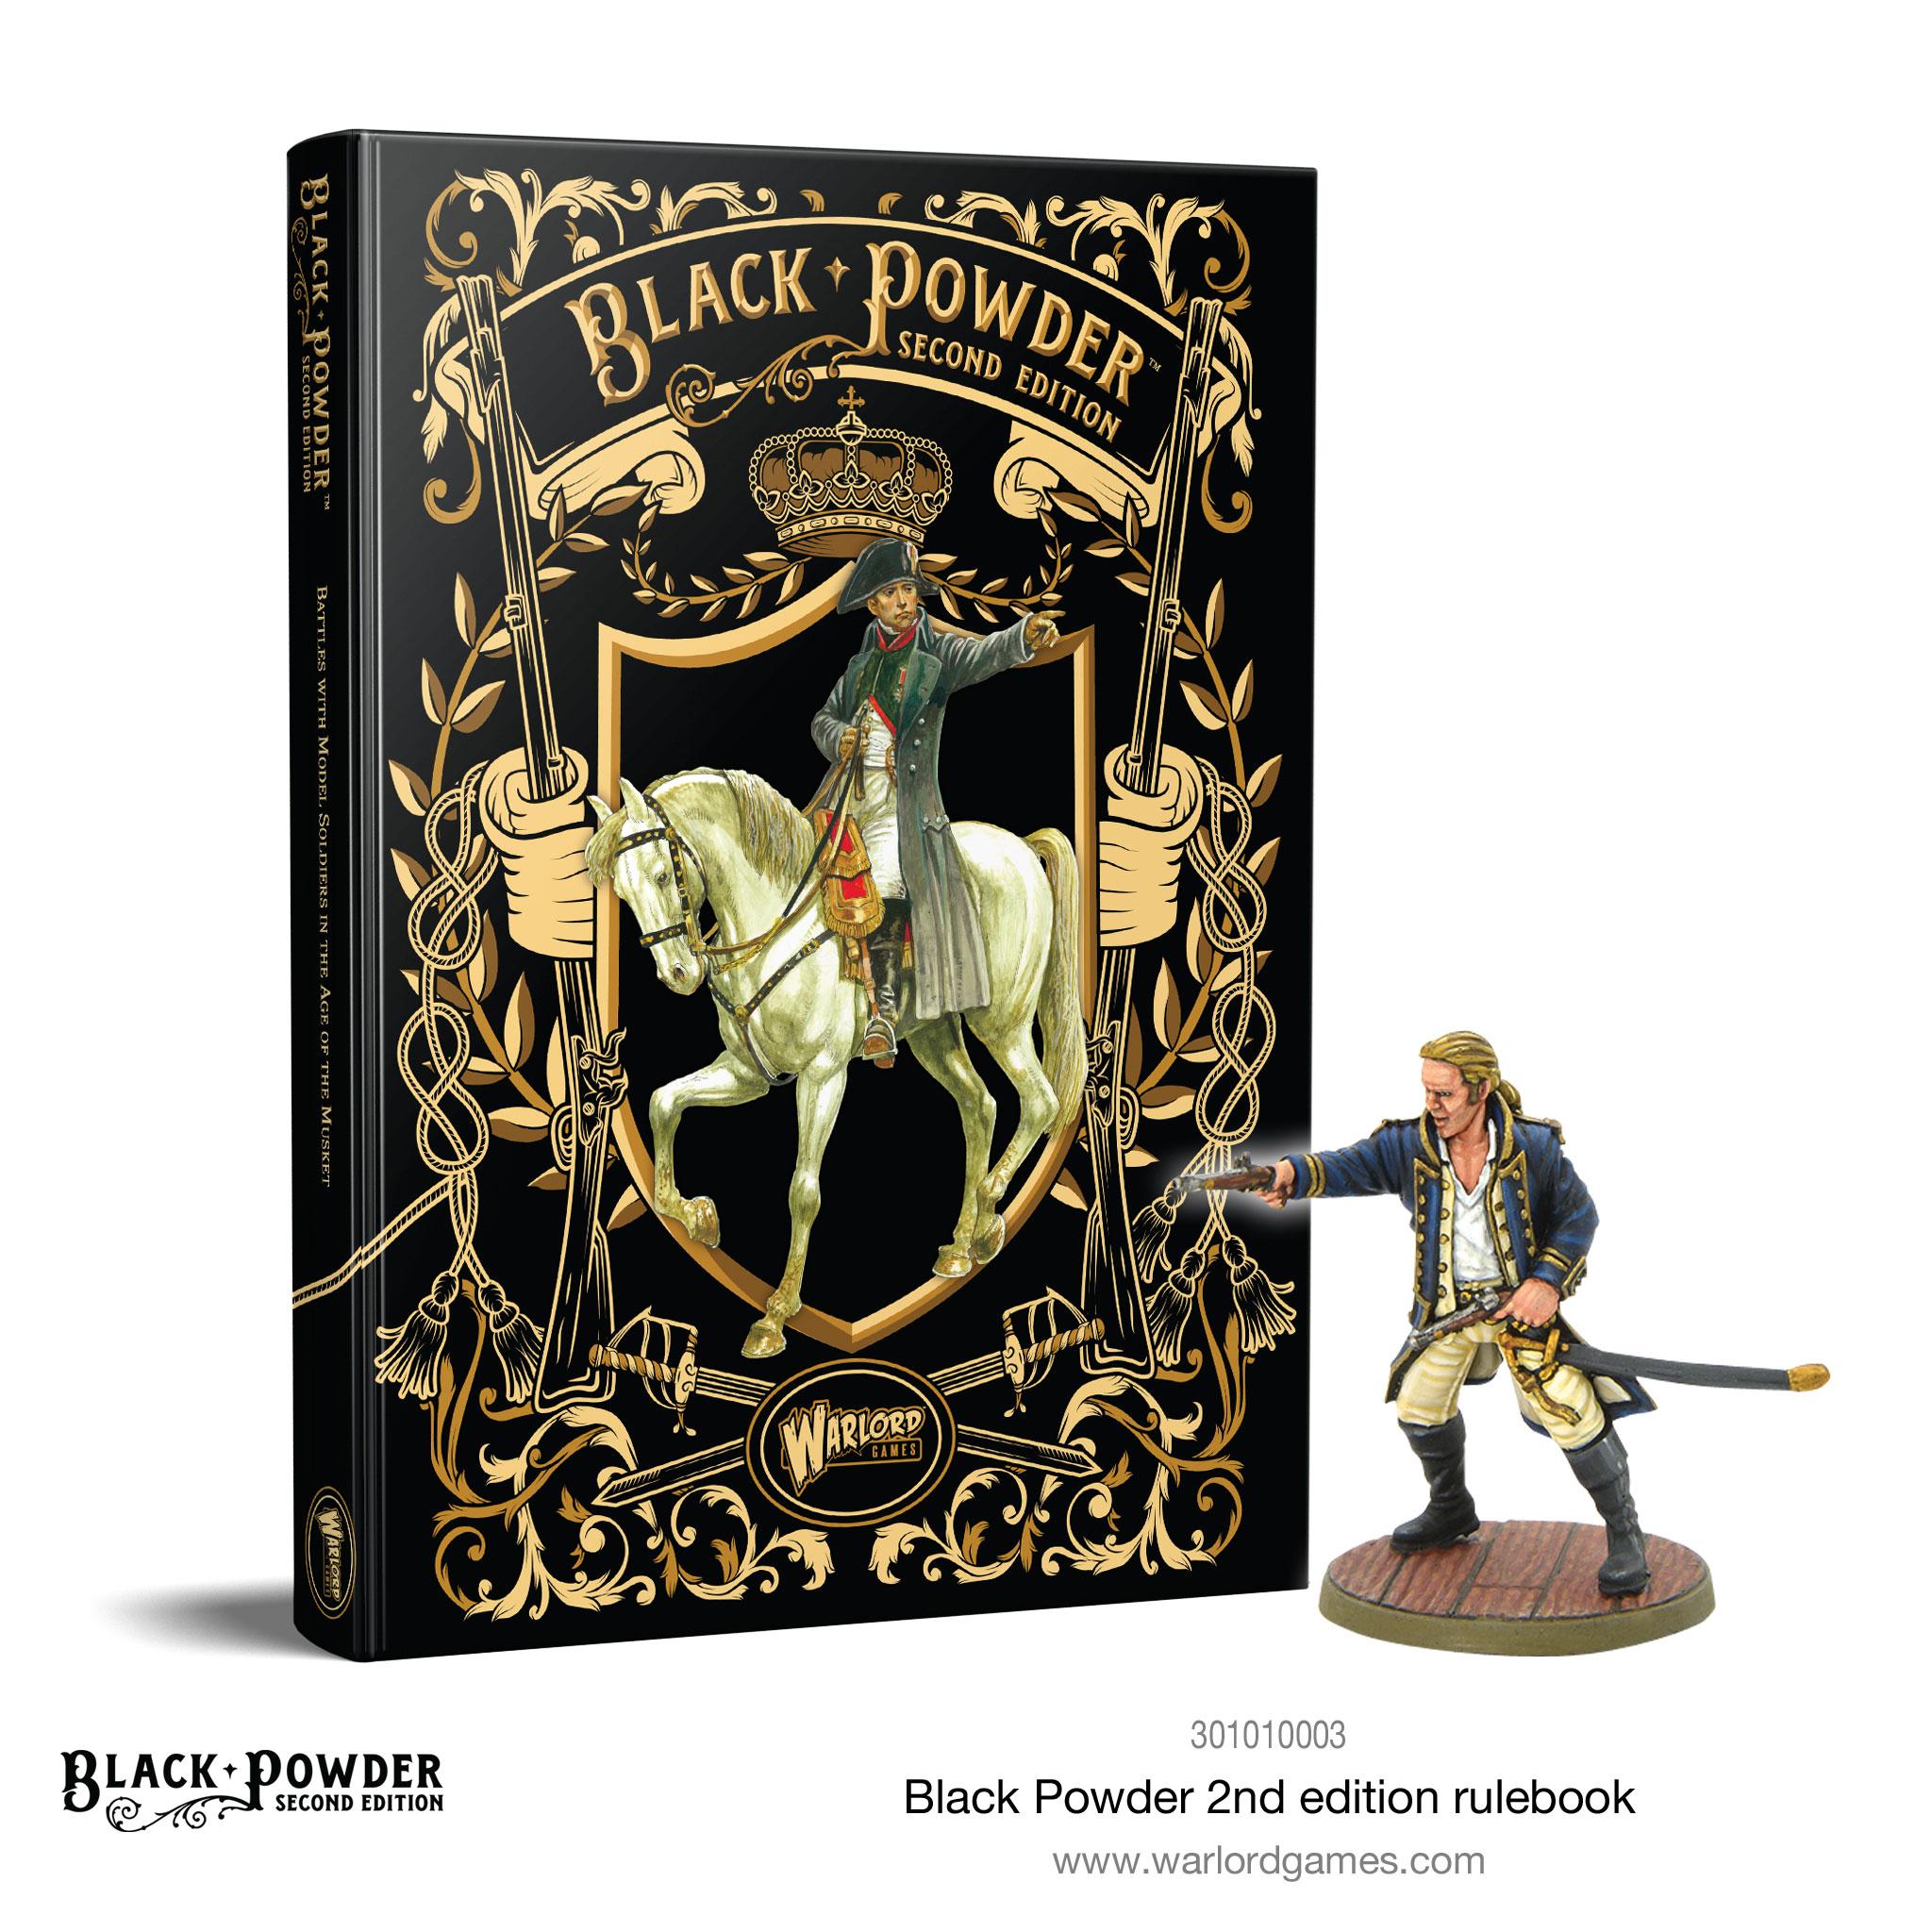 Black Powder 2nd Edition